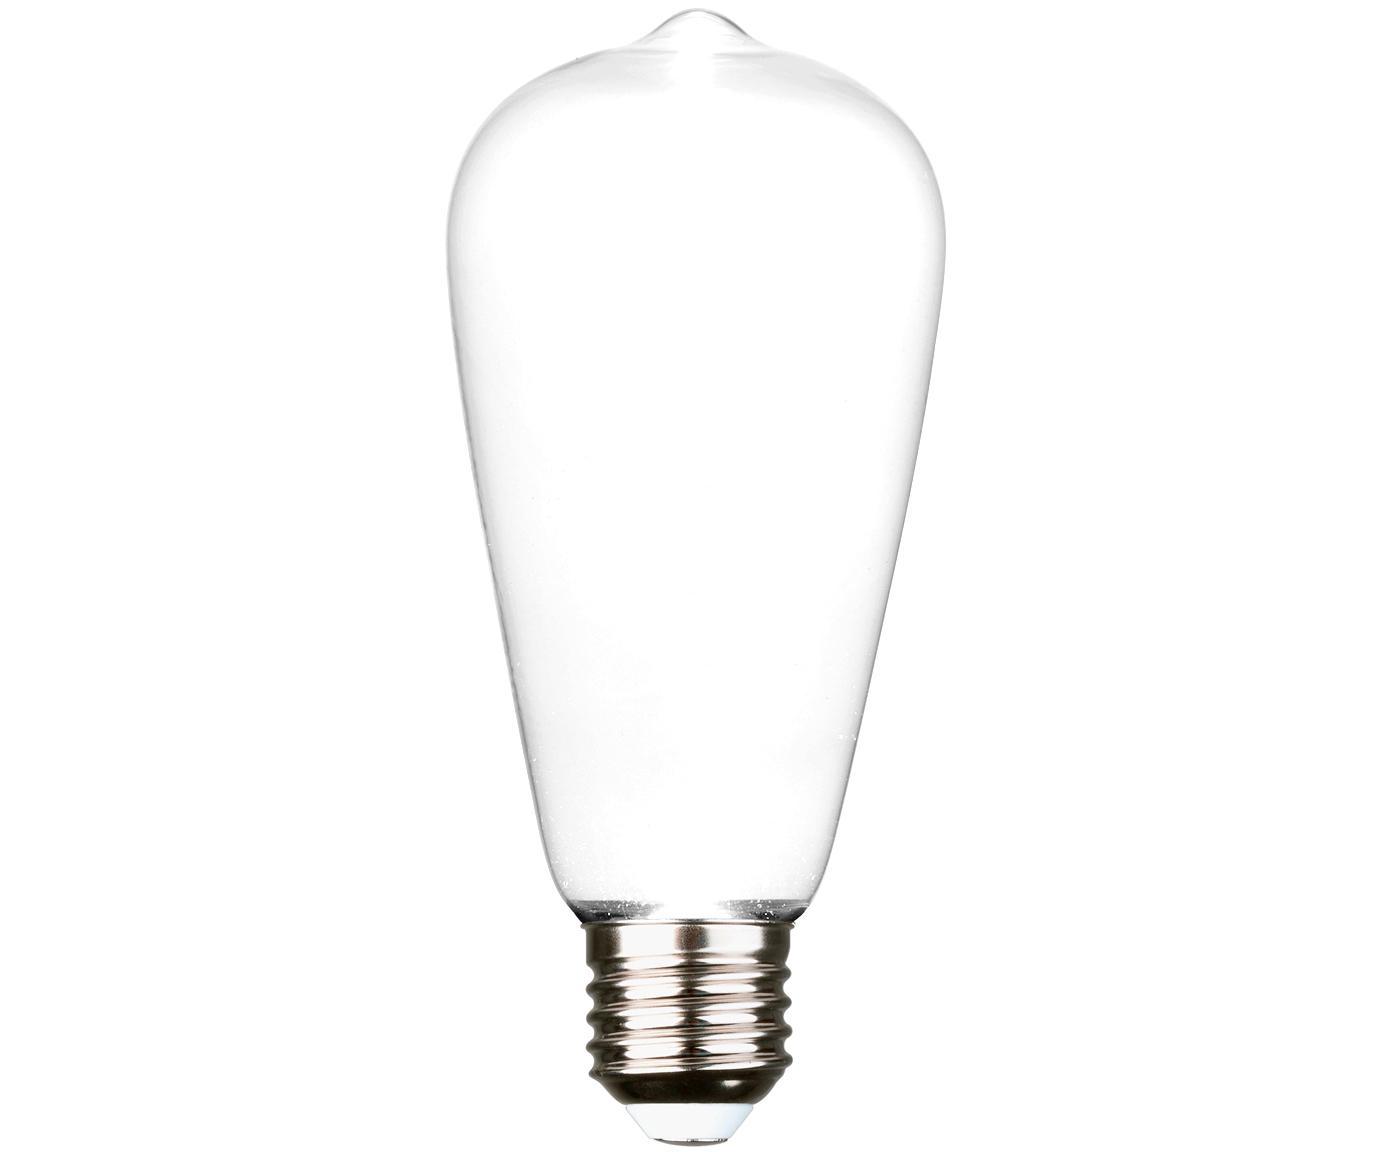 Żarówka LED Ghost (E27/2,5 W), Biały, aluminium, Ø 6 x W 15 cm